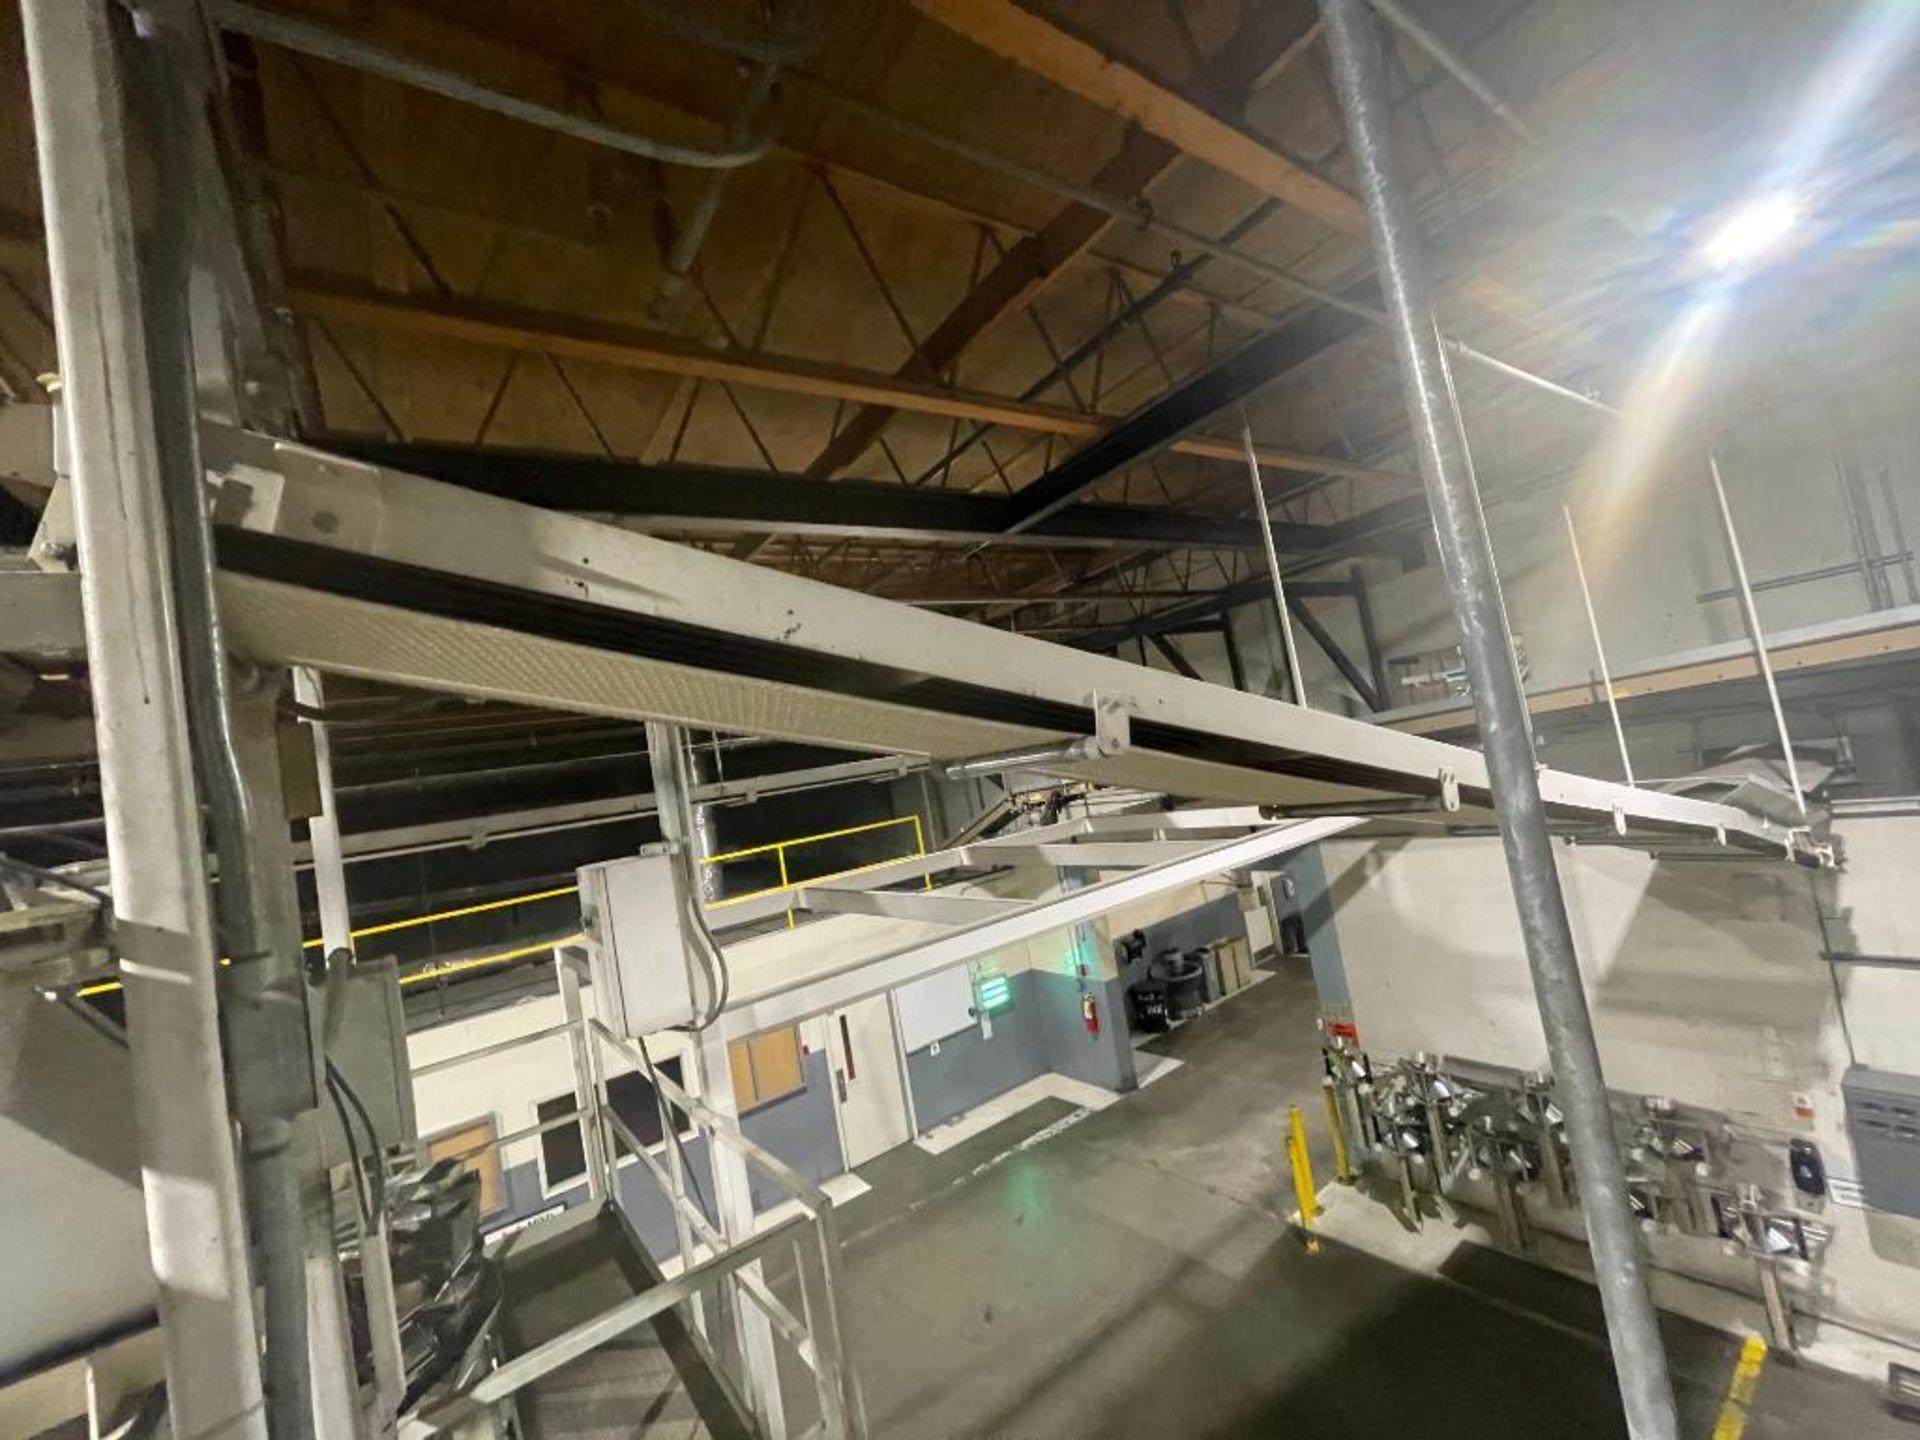 mild steel overhead belt conveyor - Image 4 of 8